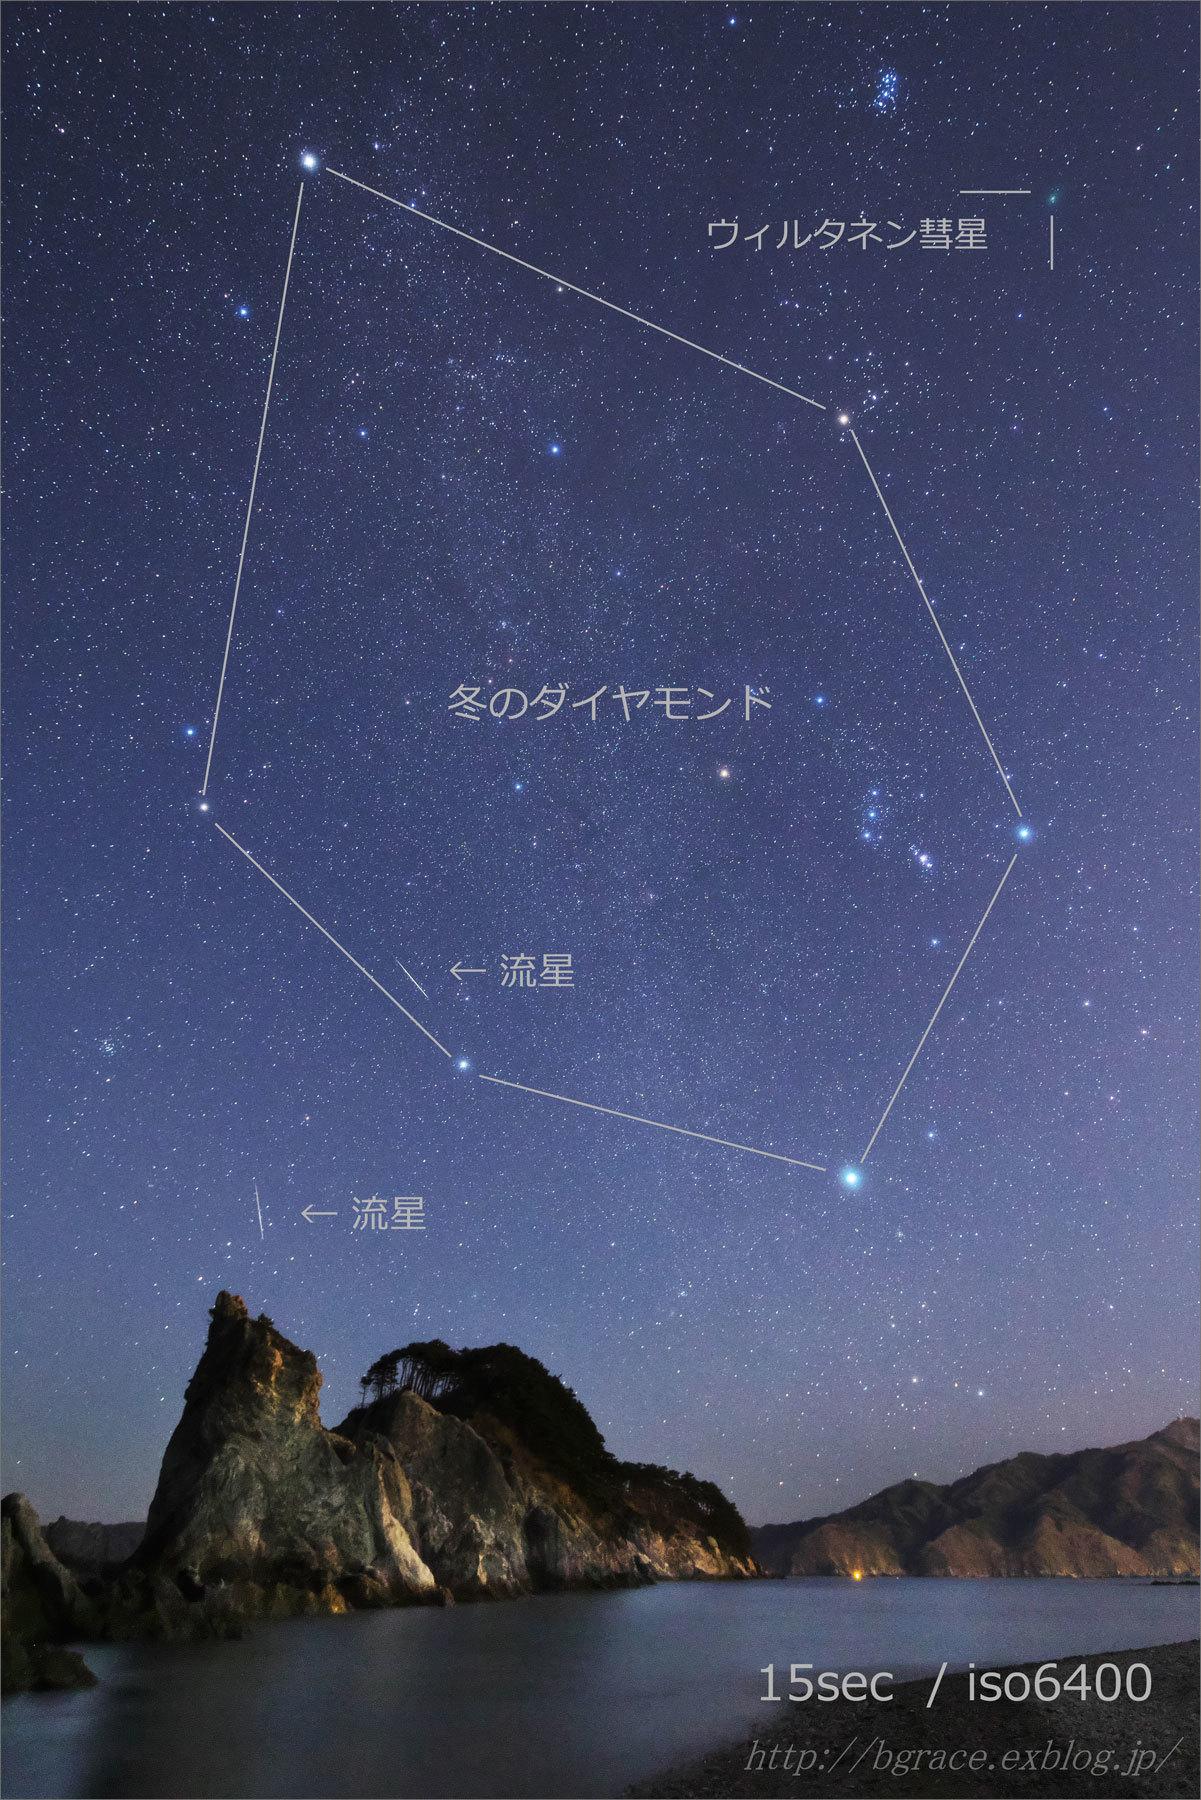 第26回鳥取市さじアストロパーク星景写真コンテスト / 1席_b0191074_21285198.jpg